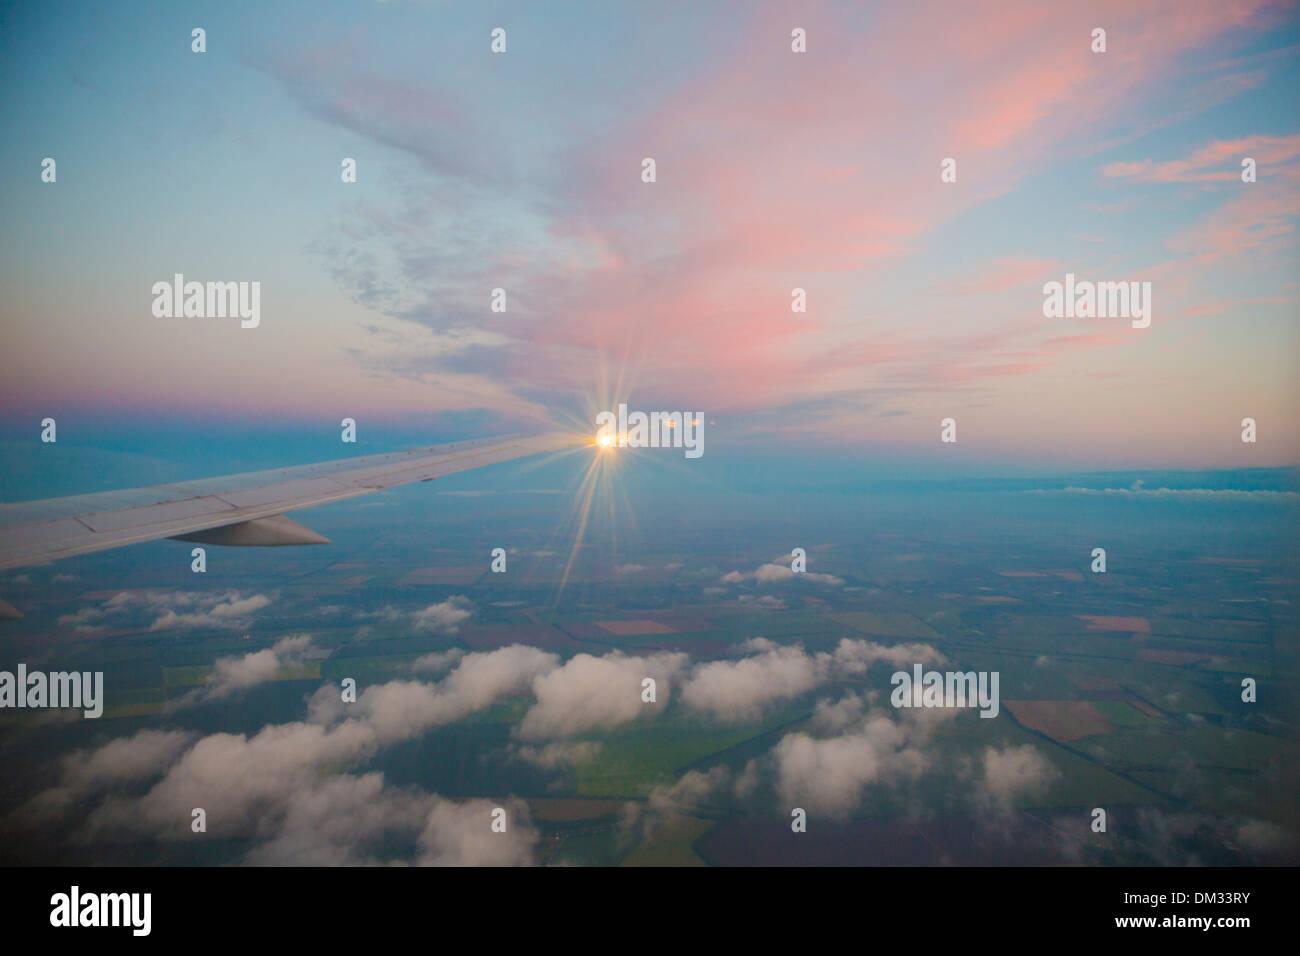 Flugzeug, Wolke, Wolken, Flug, Licht, Sonnenuntergang, Reisen, Reise, Urlaub, fliegen, Flügel Stockbild